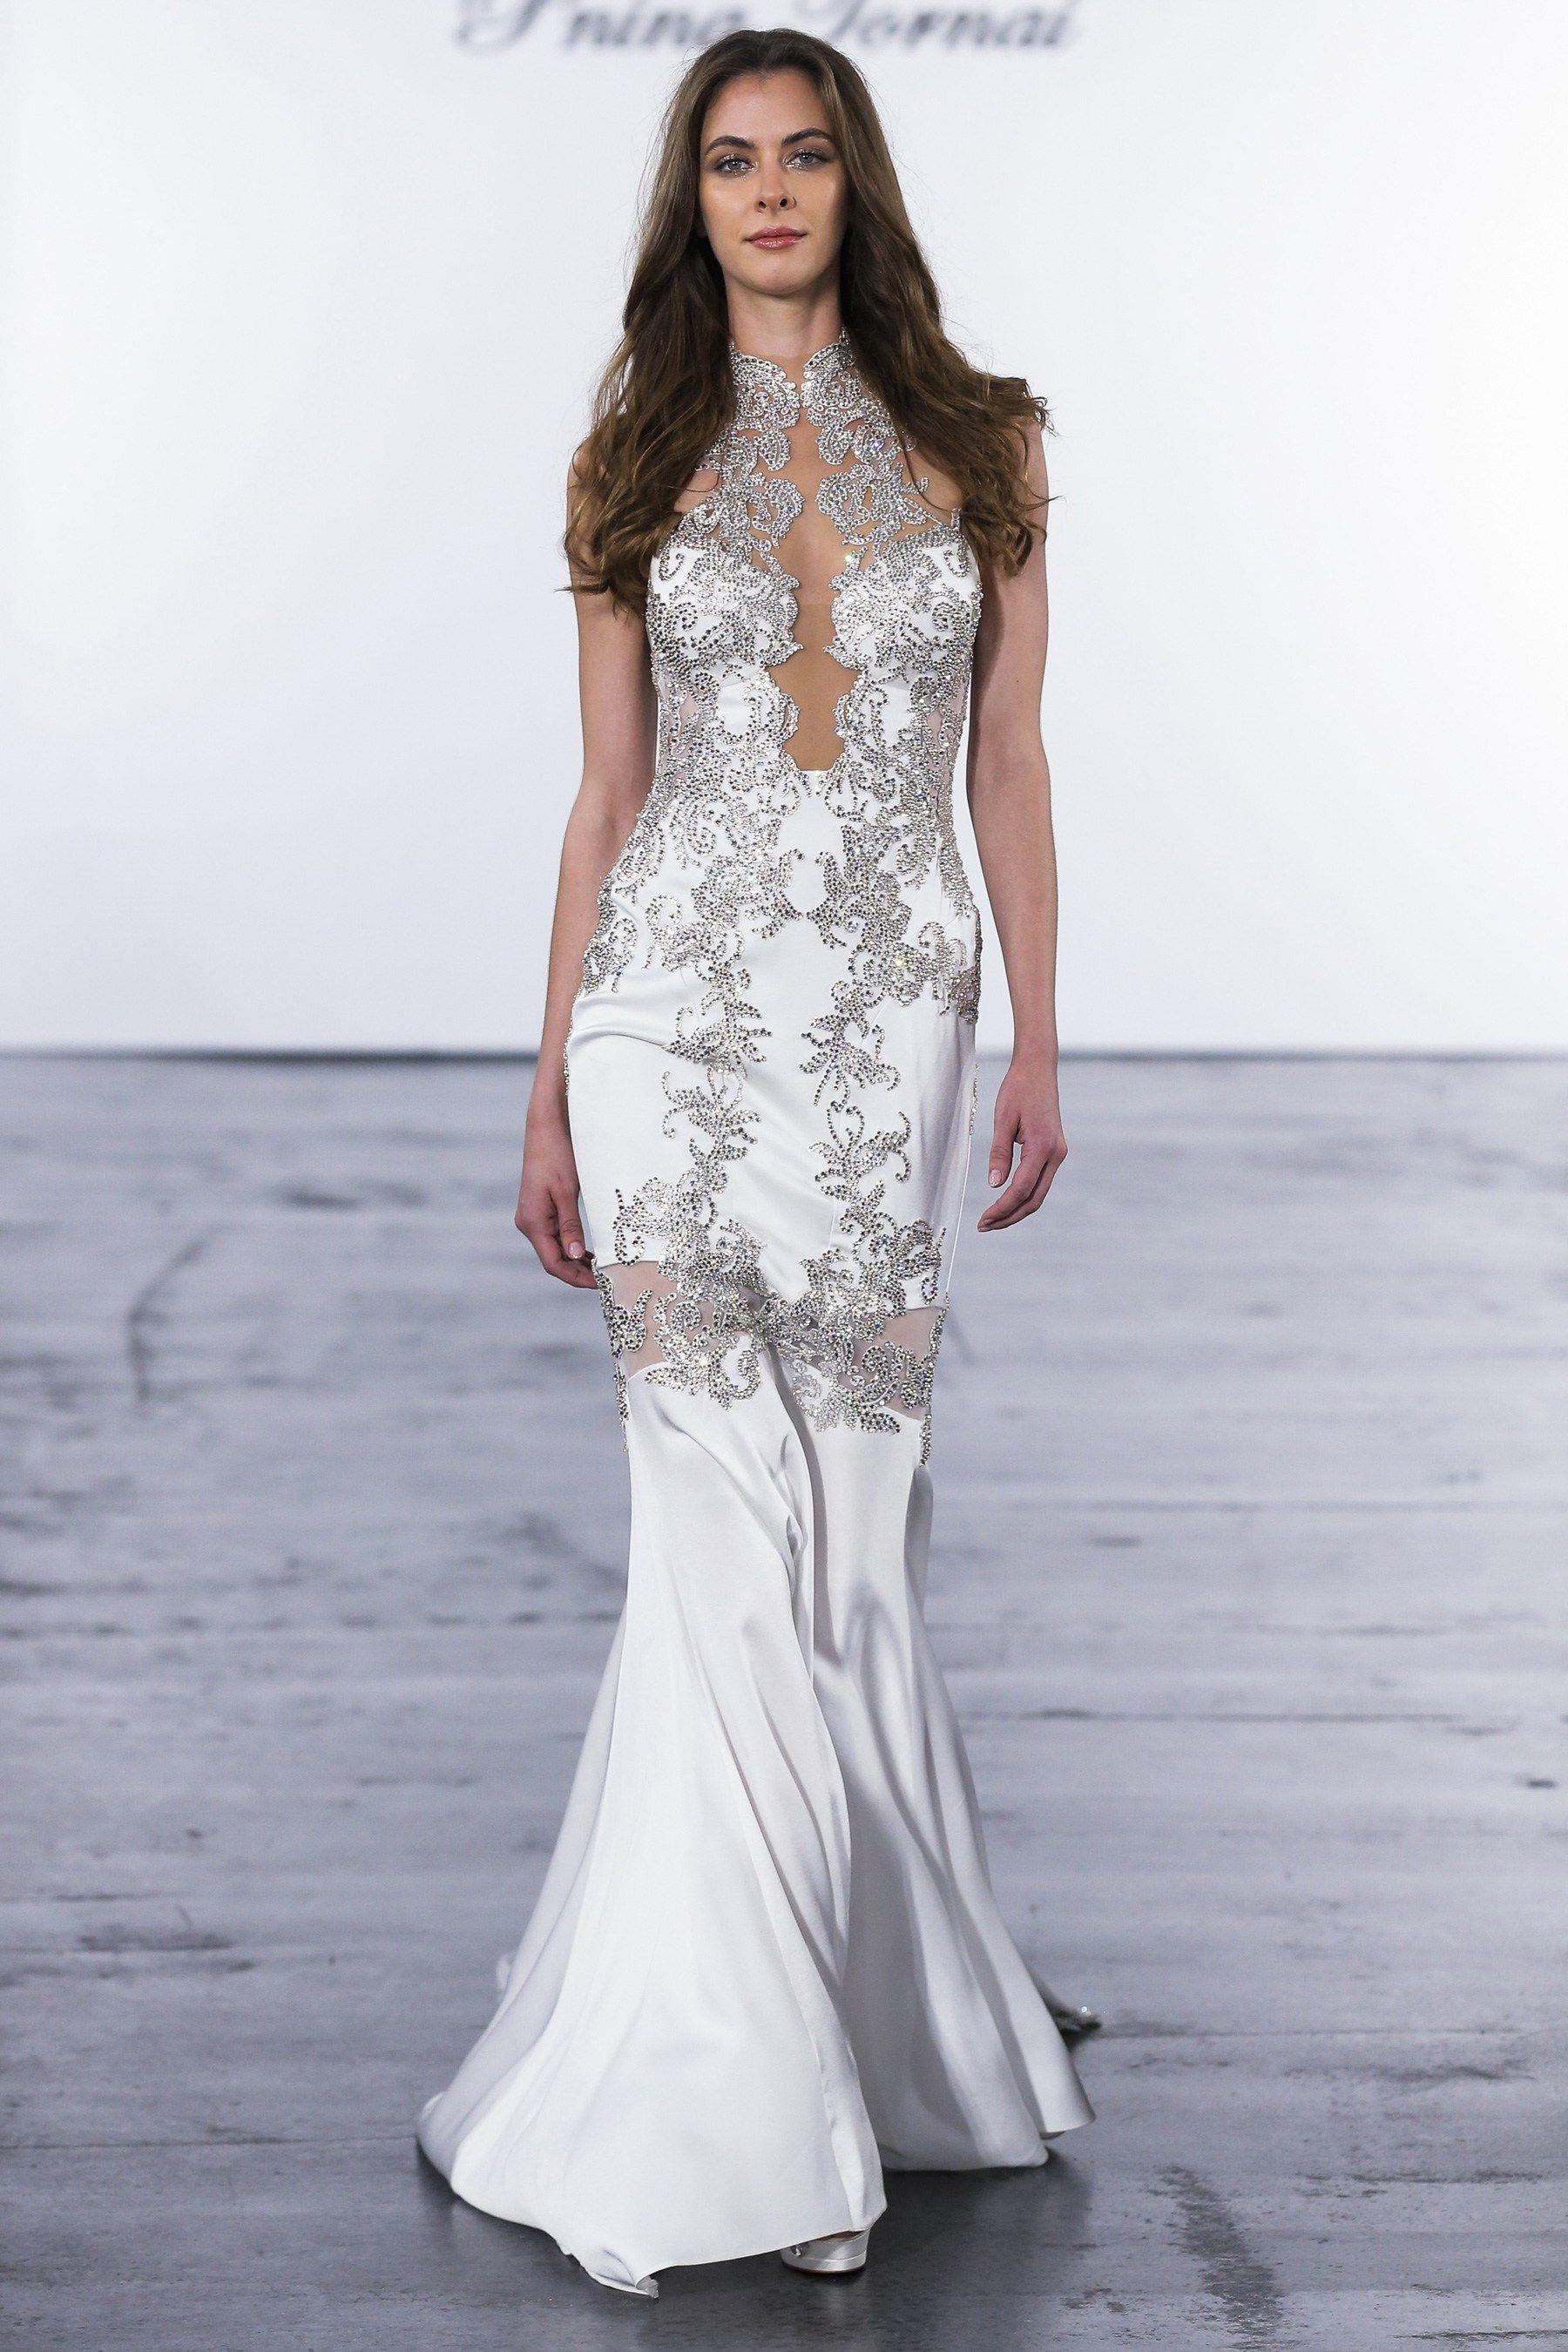 Pnina wedding dress  Braut kollektion Pnina tornai  Zerbrechlich Collection  Pnina